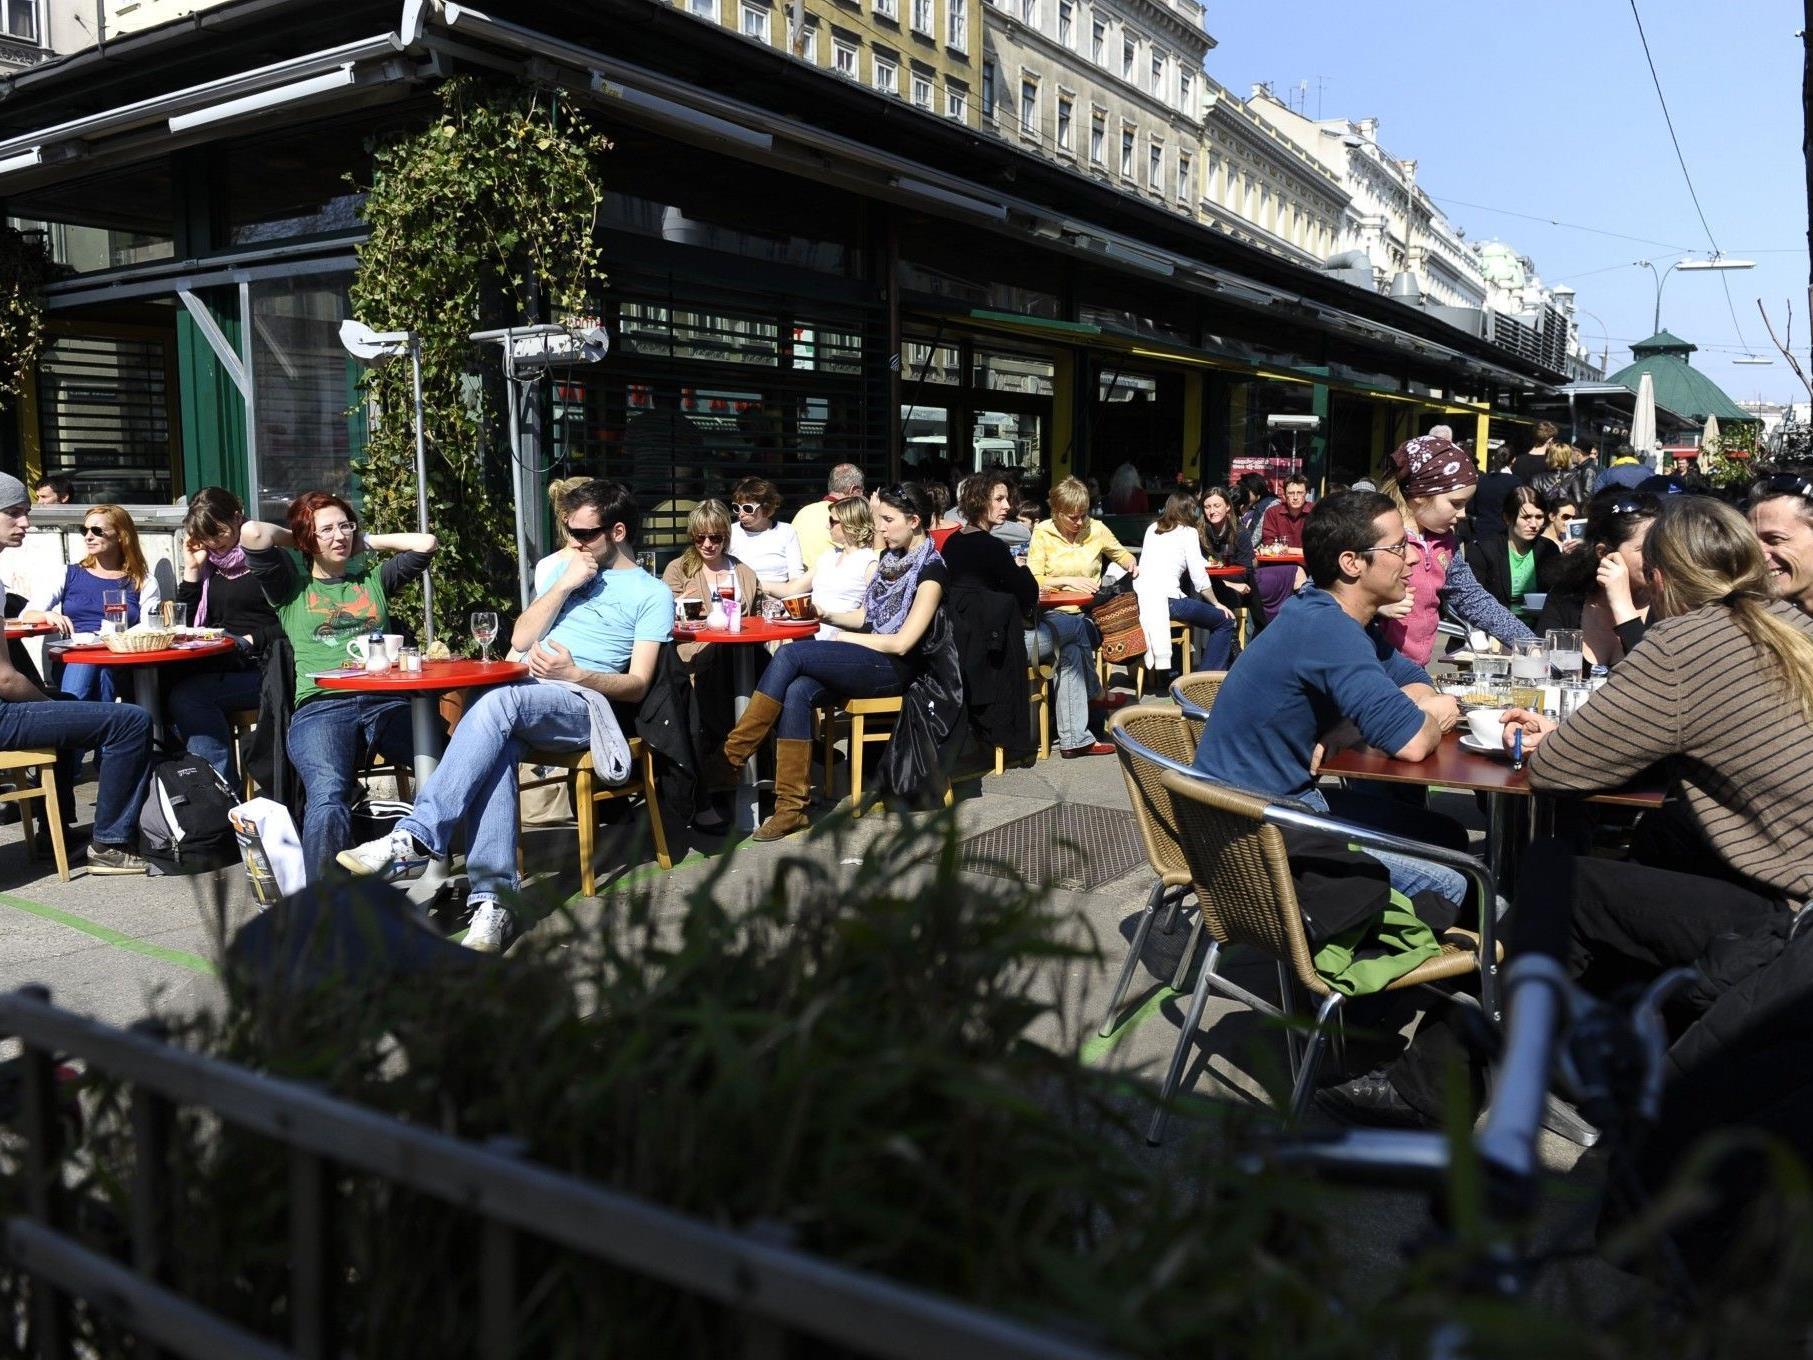 Es gibt viele Orte in Wien um zu Frühstücken: Auch in Hotels